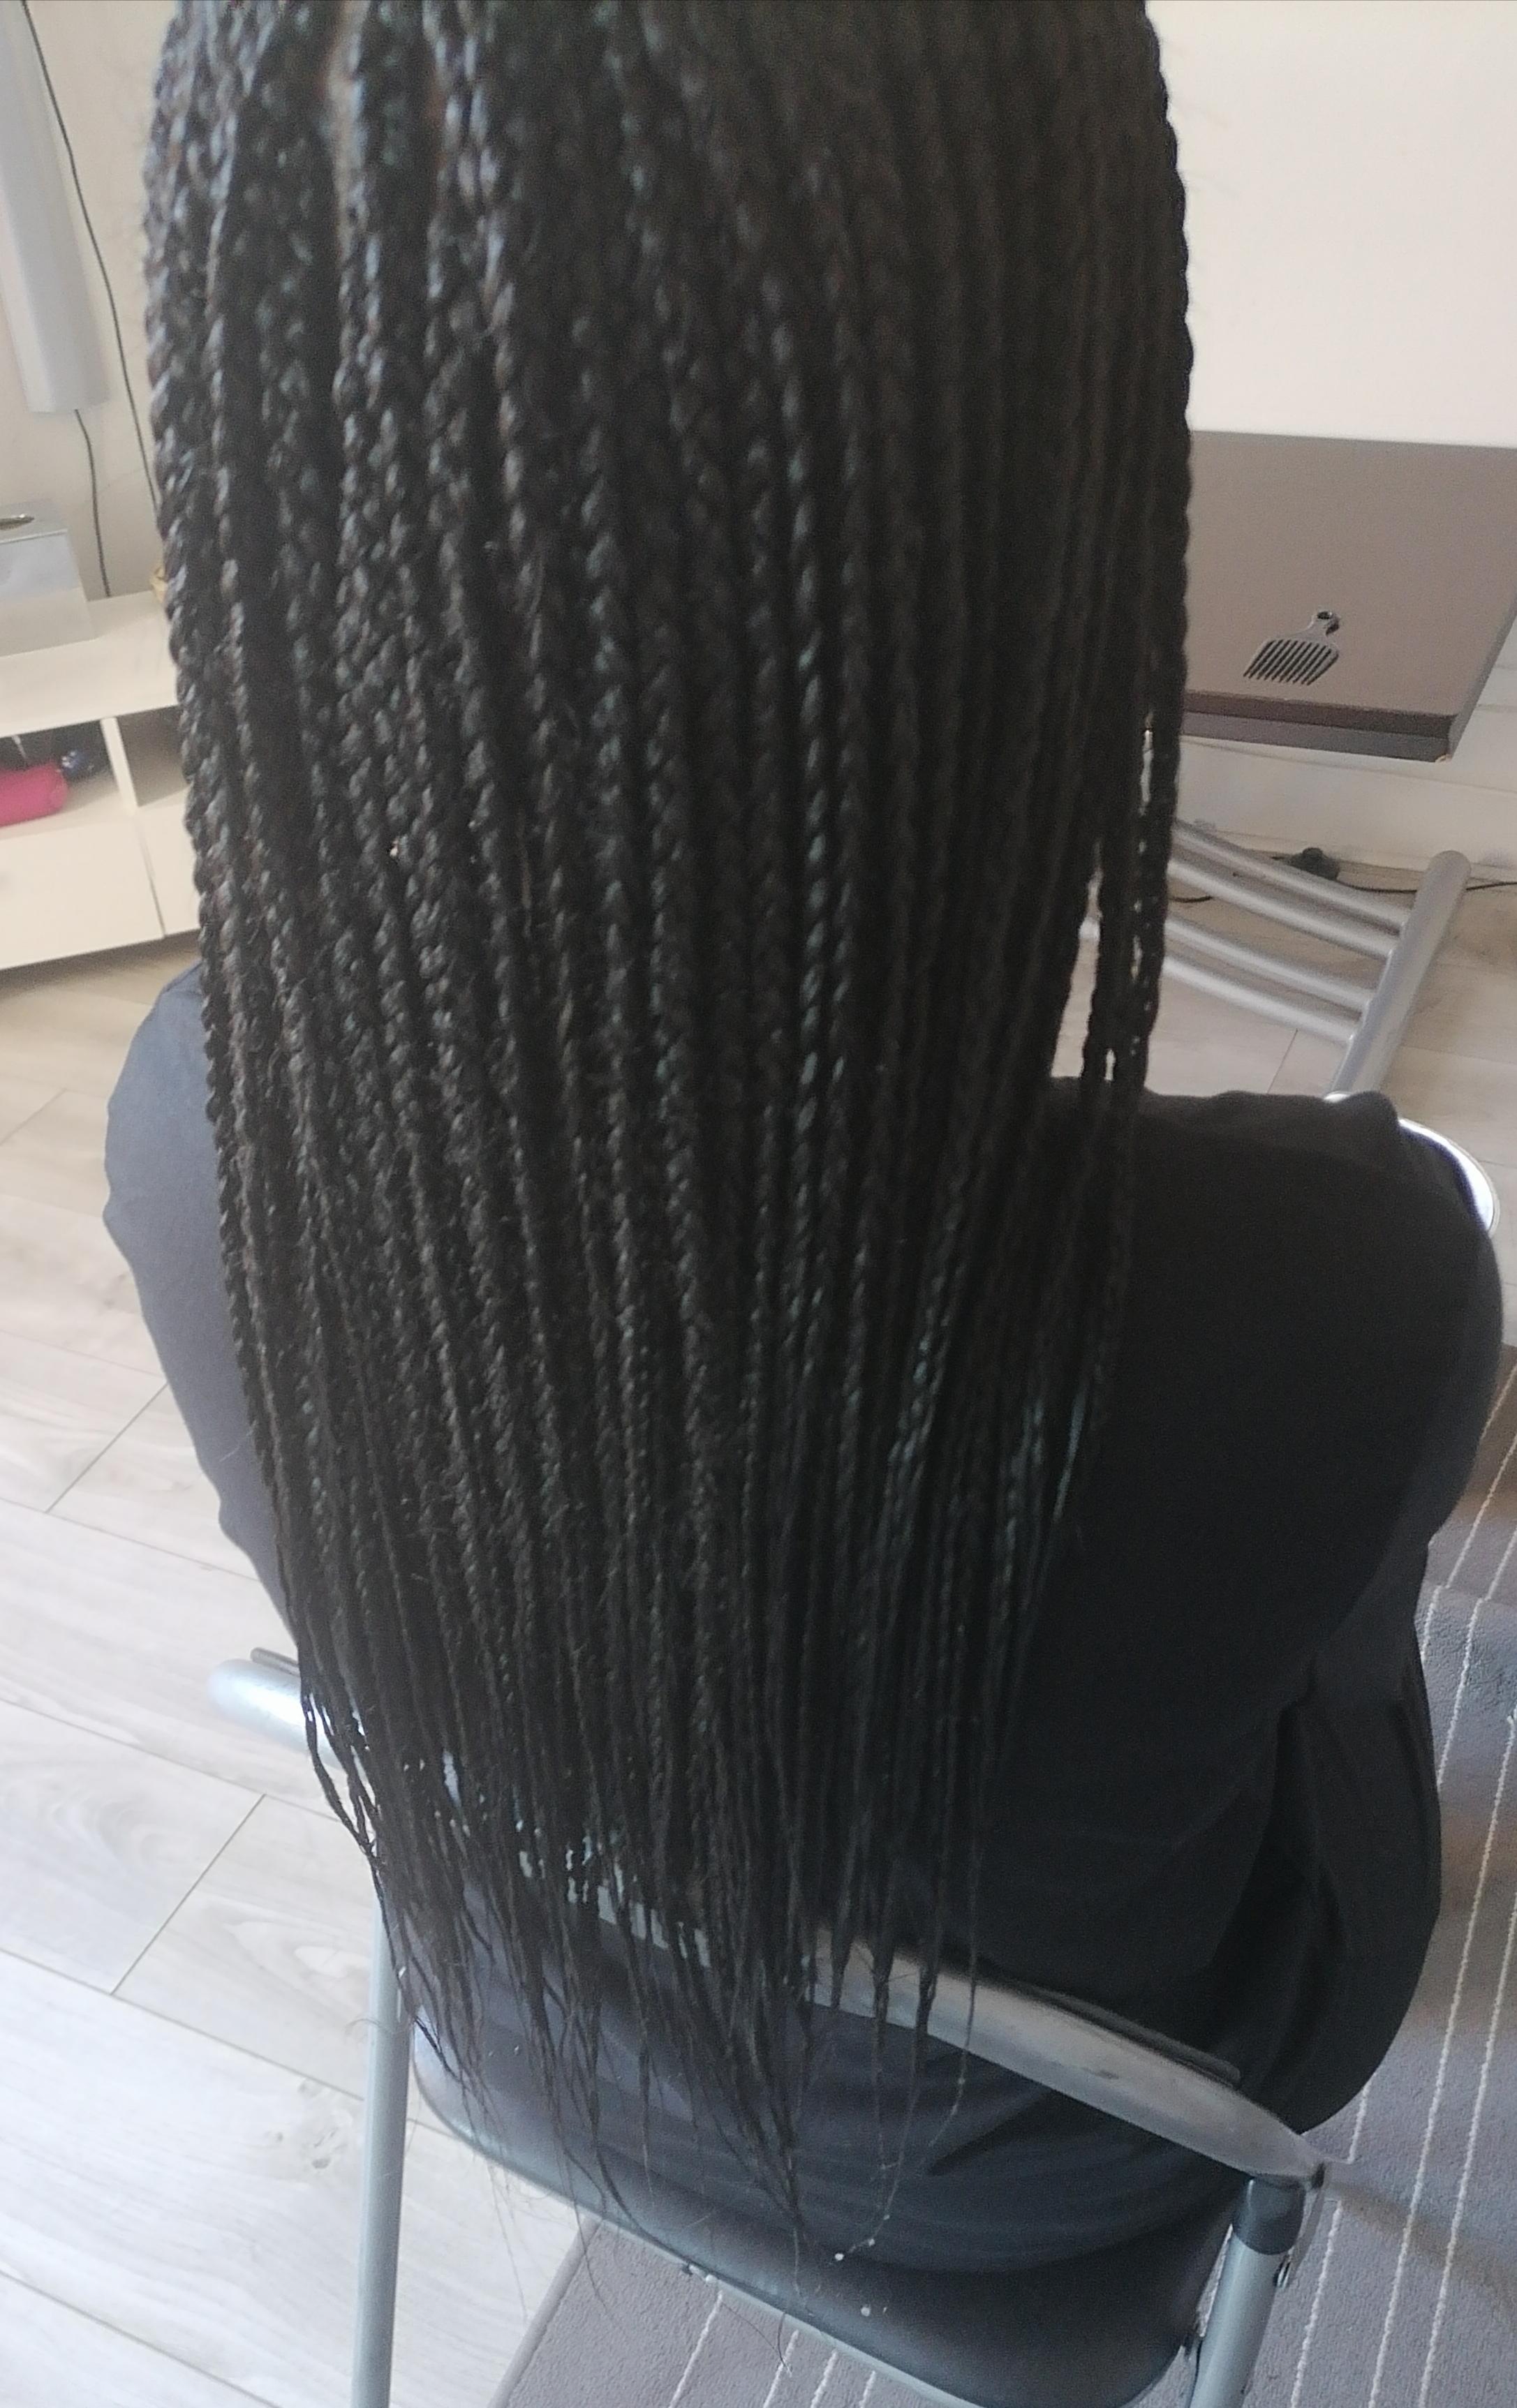 salon de coiffure afro tresse tresses box braids crochet braids vanilles tissages paris 75 77 78 91 92 93 94 95 DDZPJTBU